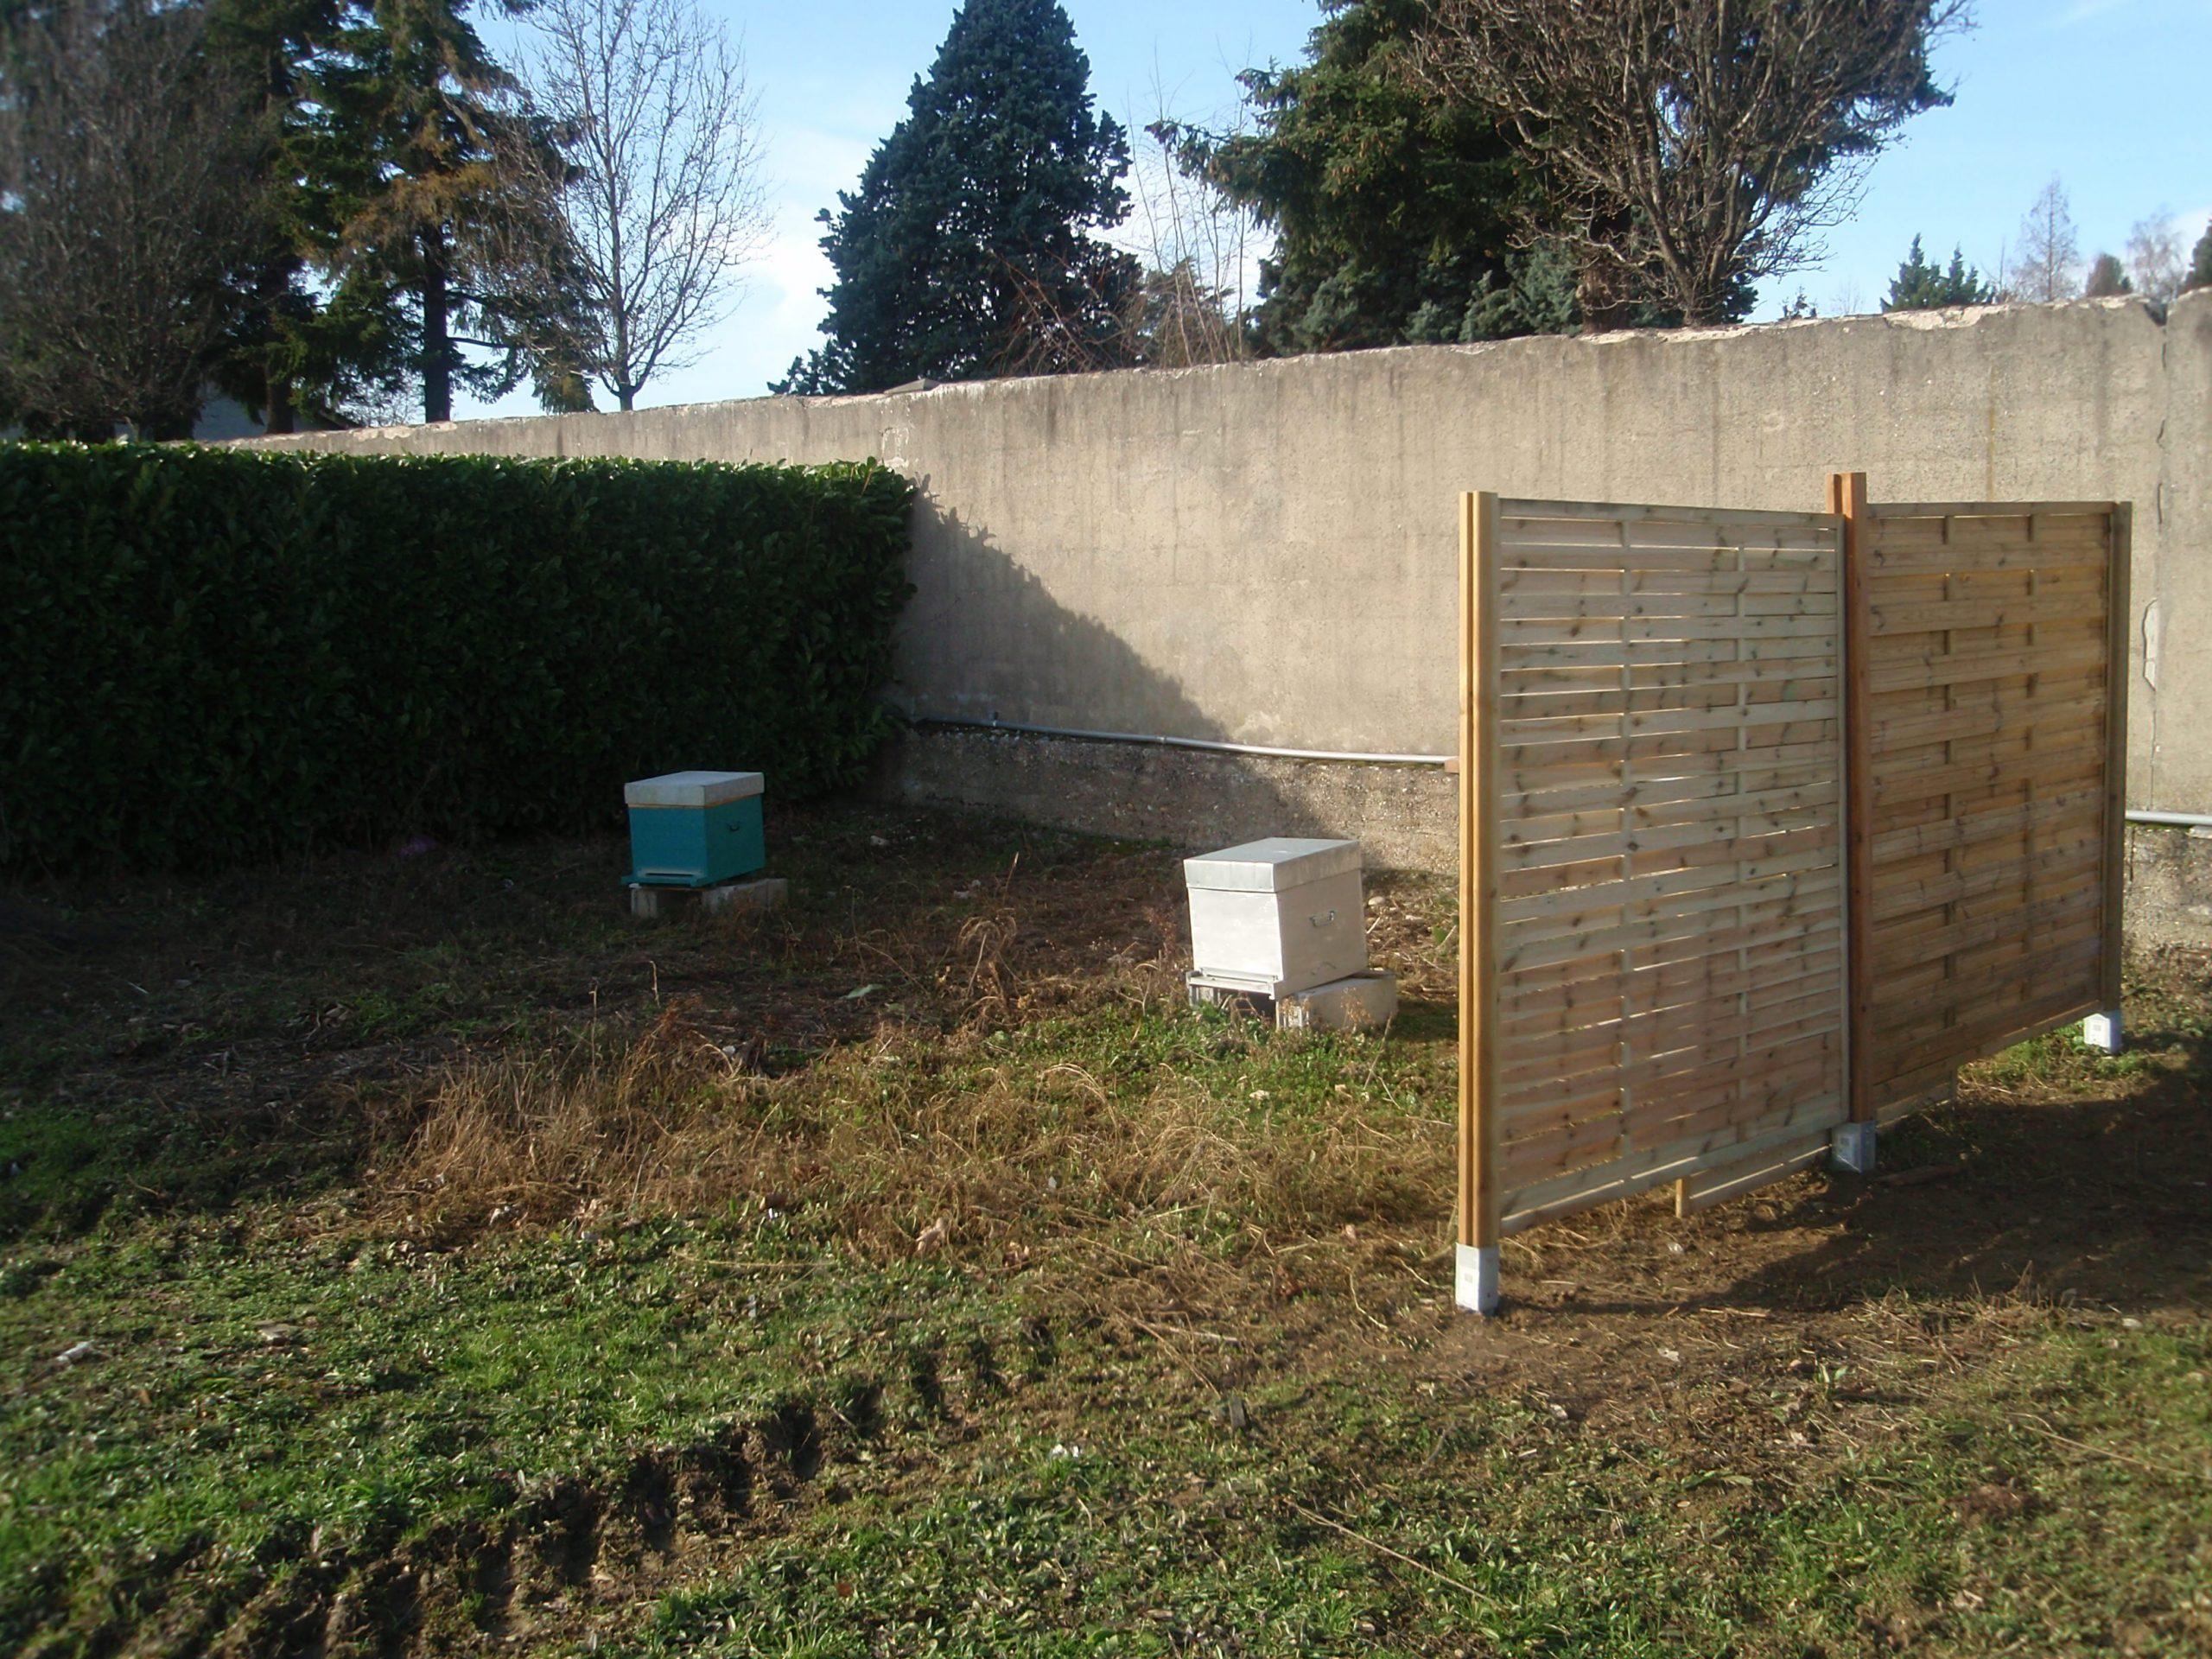 Panneau Bois Cloture Pas Cher Luxe Panneaux De Jardin Pour ... tout Panneau Occultant Jardin Pas Cher